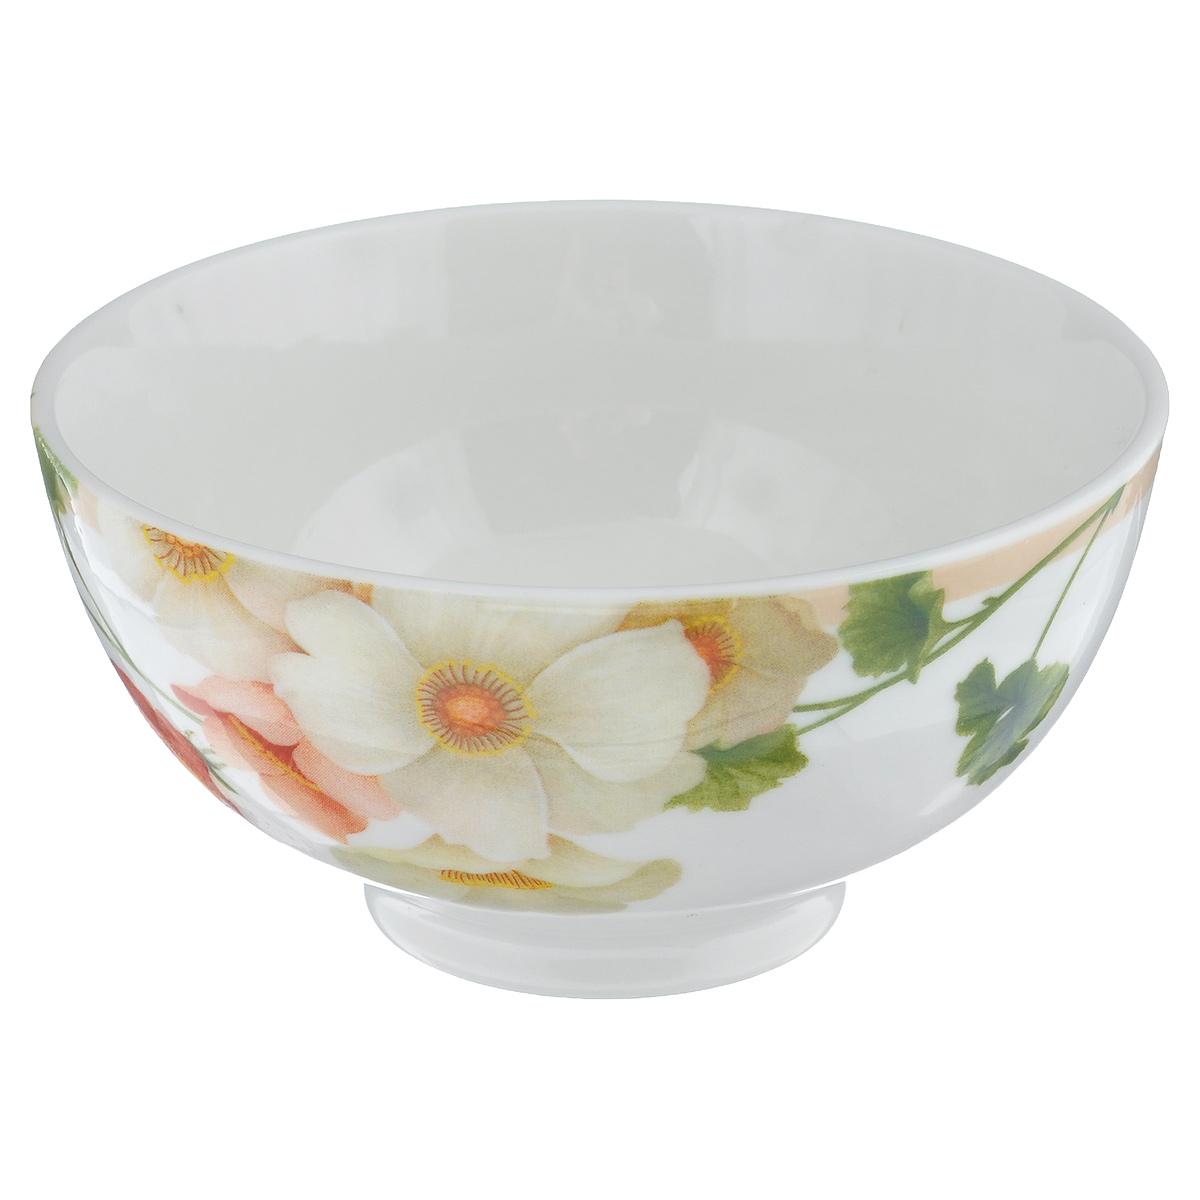 Салатник Мальва, диаметр 13 смGNNSML00150Салатник Мальва изготовлен из твердого фарфора с подглазурной деколью, которая защищает рисунок от истирания и продлевает срок эксплуатации посуды. Посуда безопасна для здоровья и окружающей среды, не содержит свинец и кадмий. Внешние стенки оформлены изящным цветочным рисунком. Такой салатник прекрасно подходит для холодных и горячих блюд: каш, хлопьев, супов, салатов и т.д. Он дополнит коллекцию вашей кухонной посуды и будет служить долгие годы. Можно использовать в посудомоечной машине и СВЧ. Объем: 300 мл. Диаметр салатника (по верхнему краю): 13 см. Высота стенки салатника: 6,5 см.